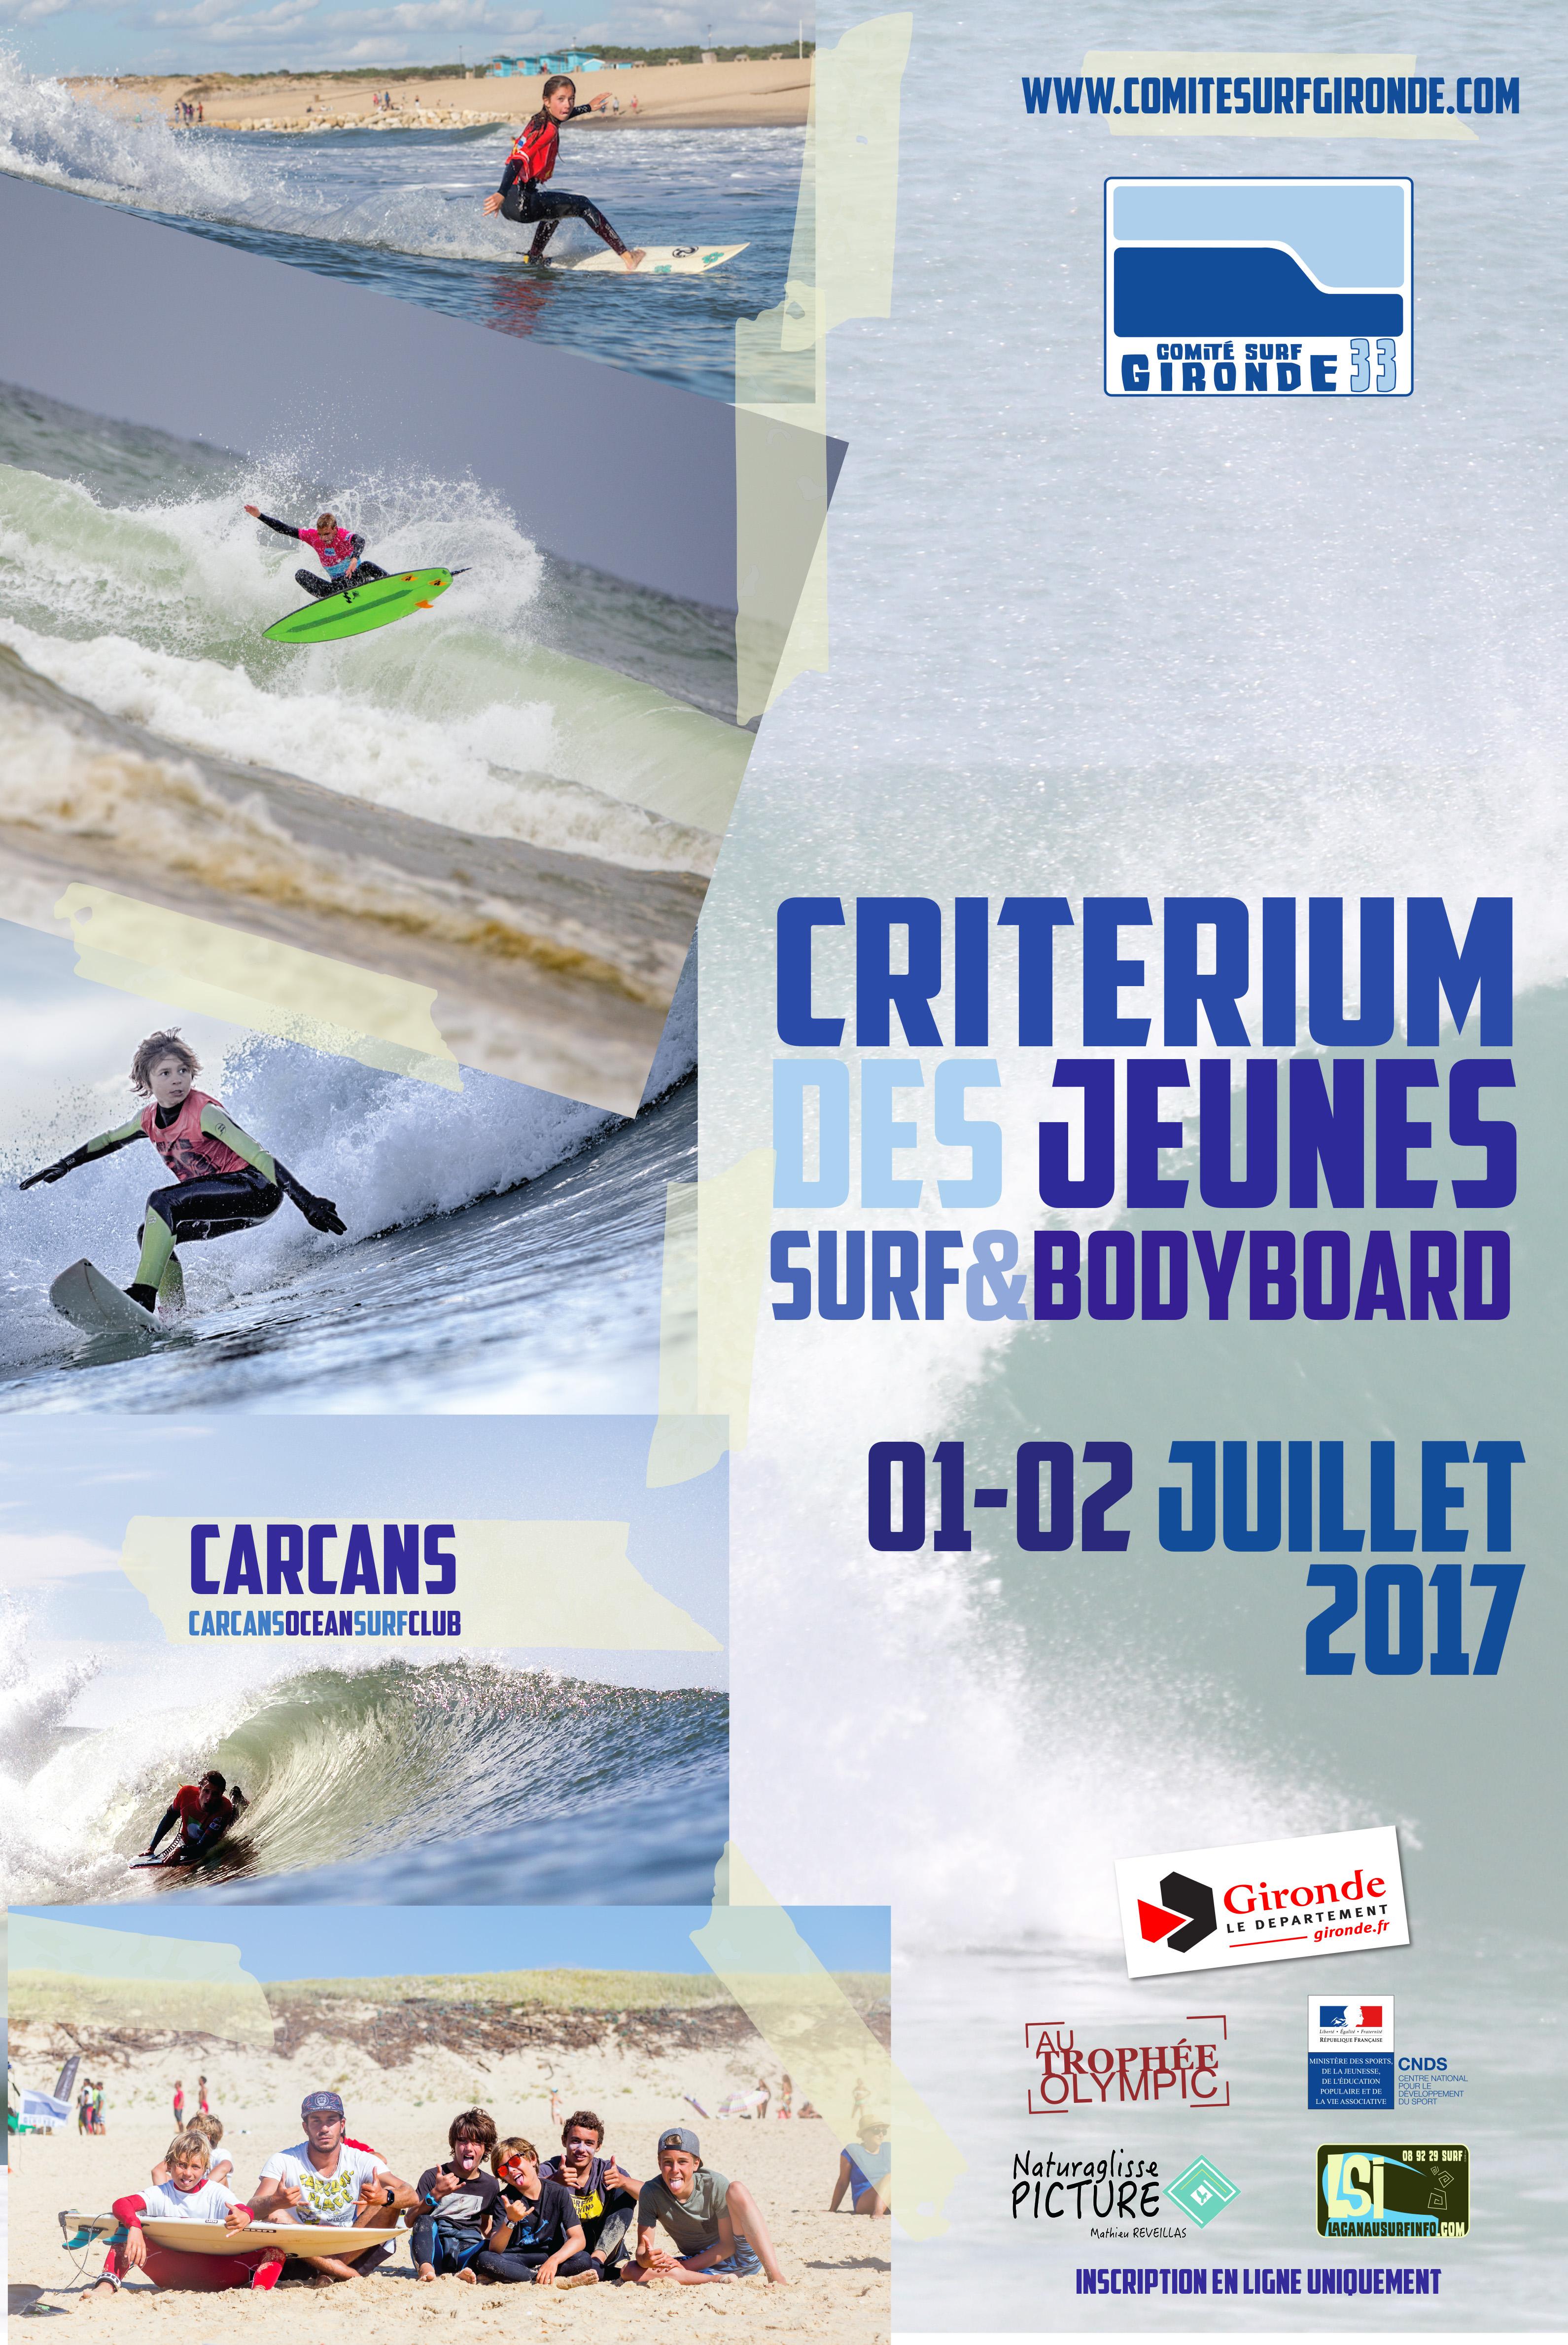 Critérium étape 2/4 à Carcans